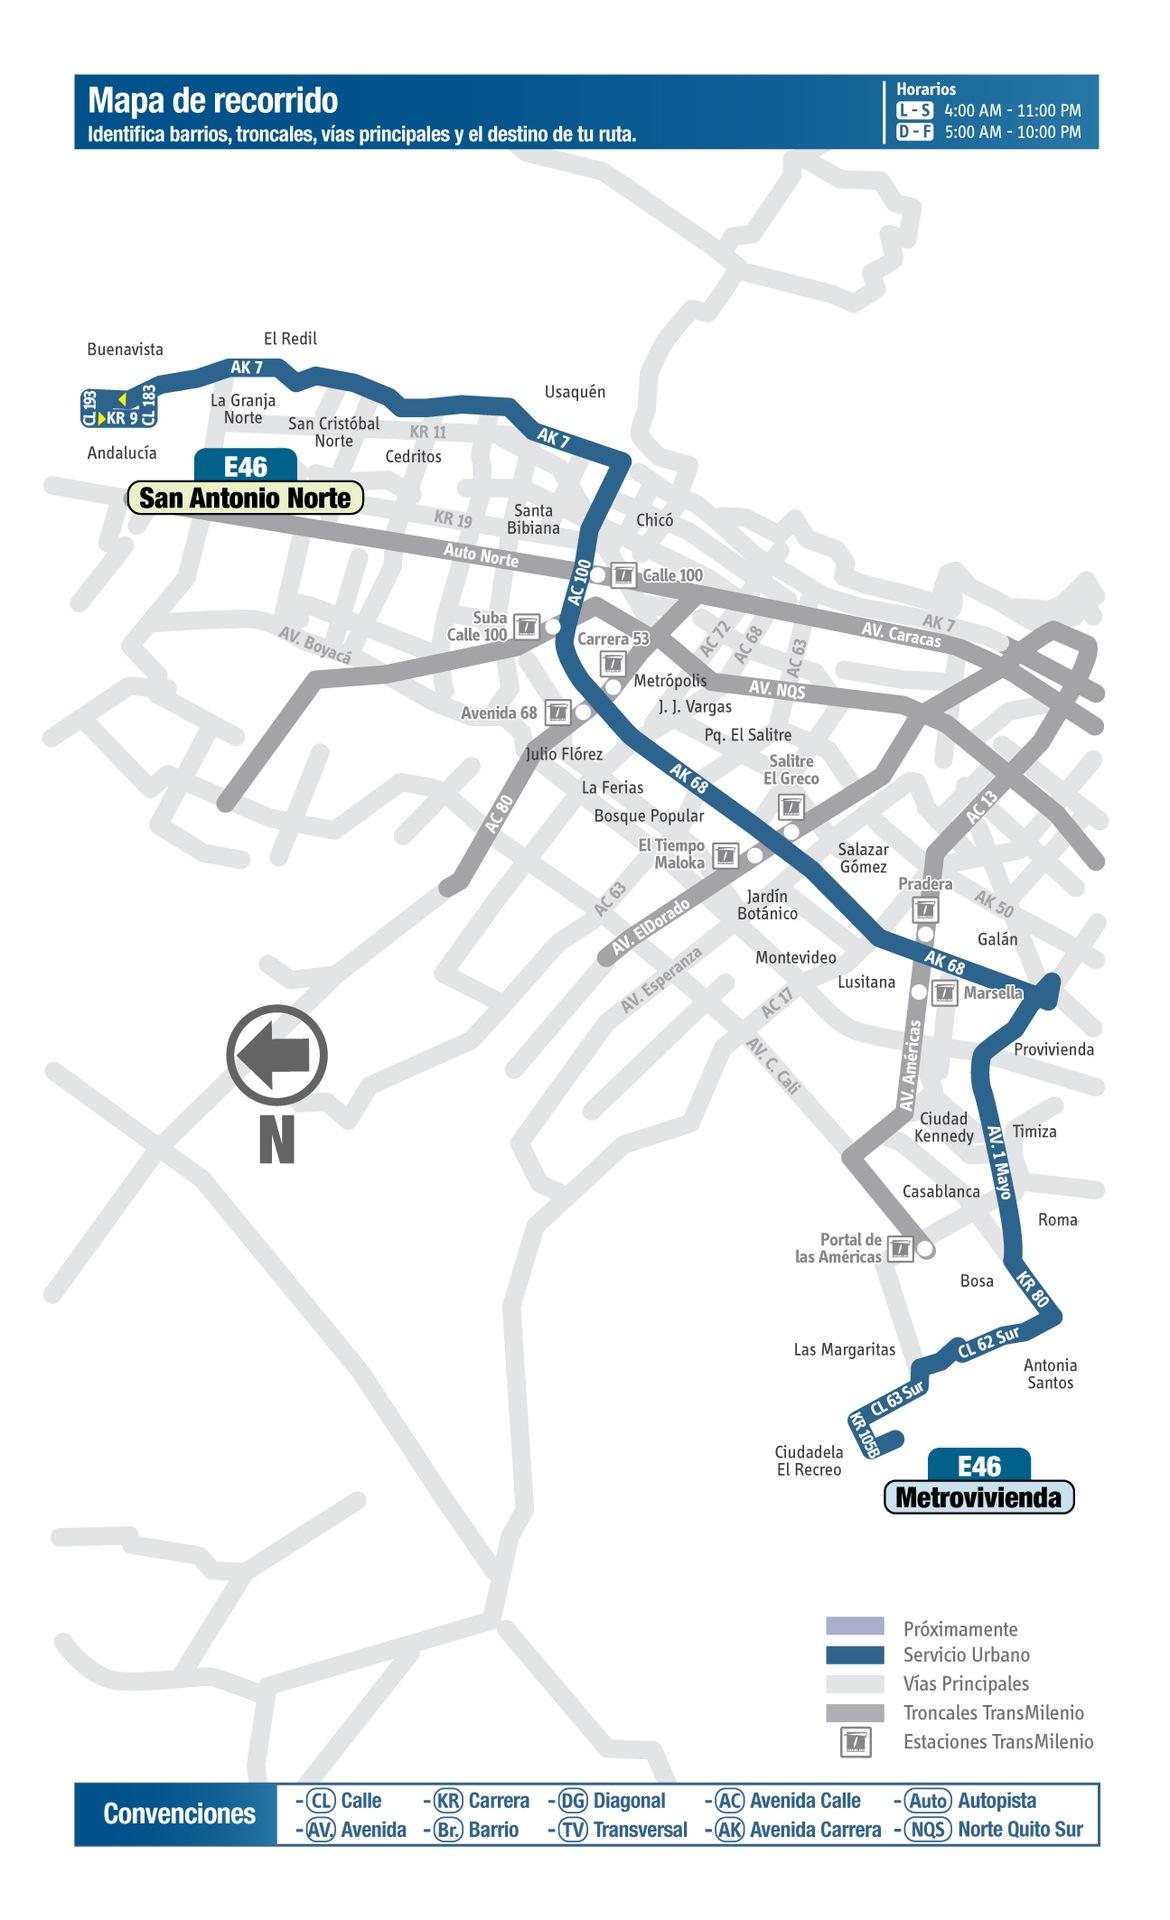 Ruta SITP: E46 Metrovivienda ↔ San Antonio Norte [Urbana] 2